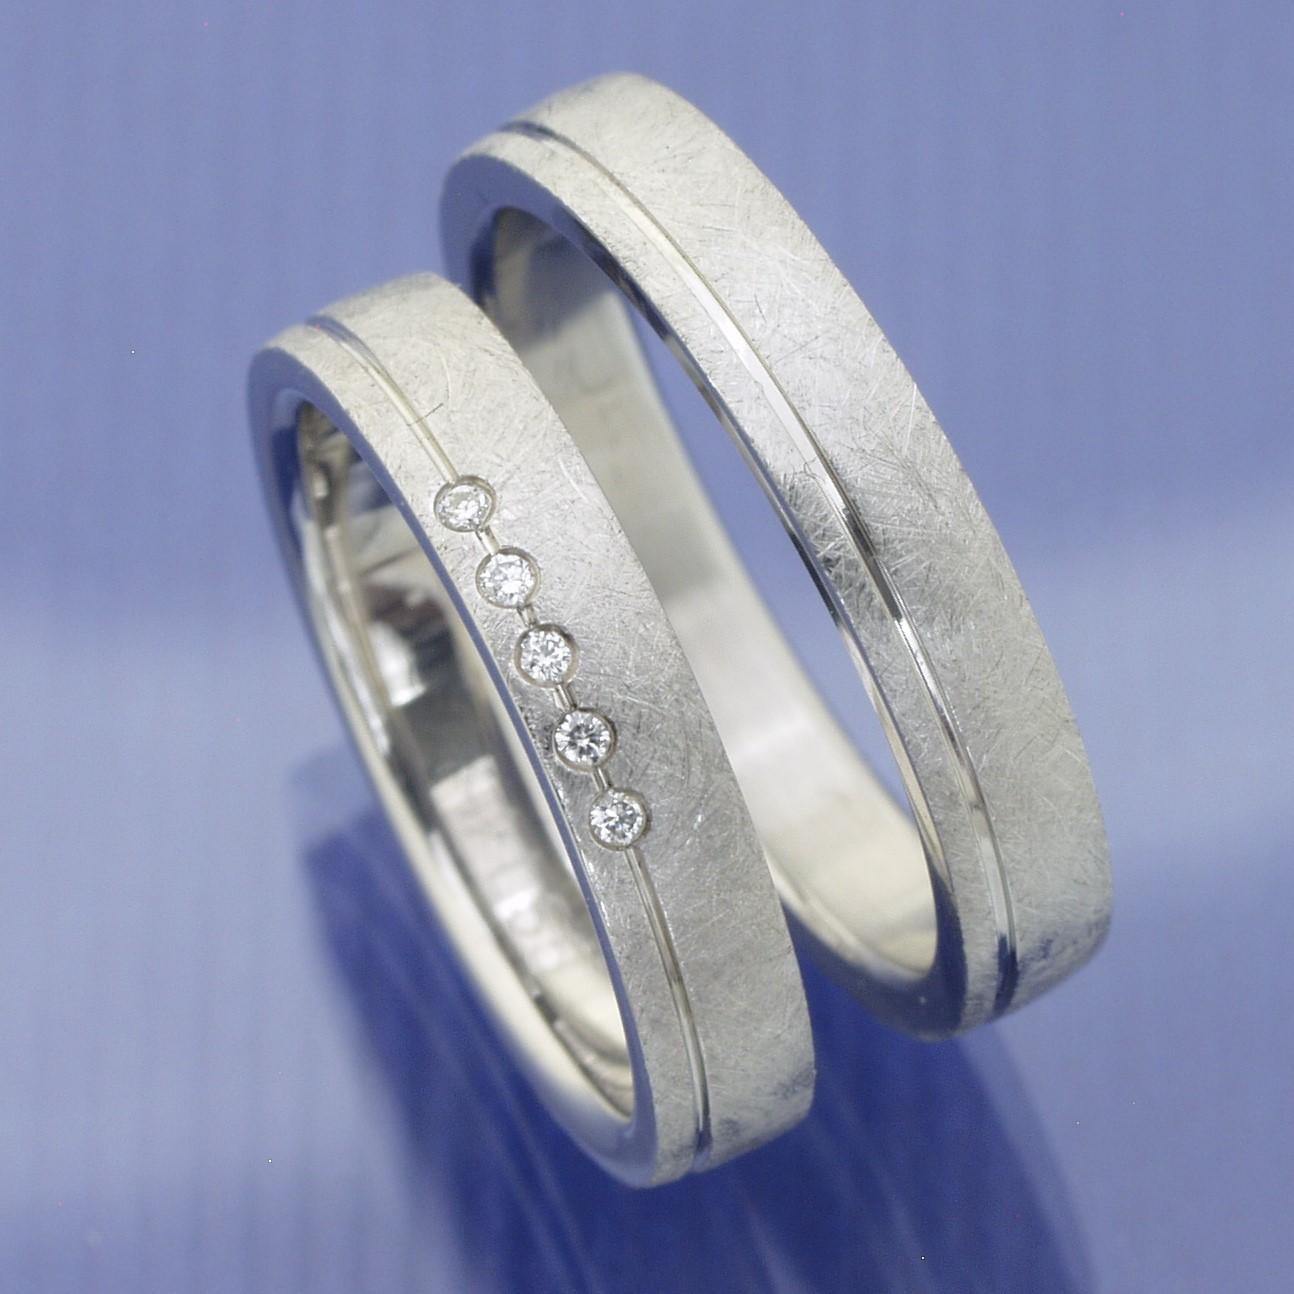 EheringeShop  Verlobungsringe  Partnerringe aus Edelstahl mit Brillanten P3154472